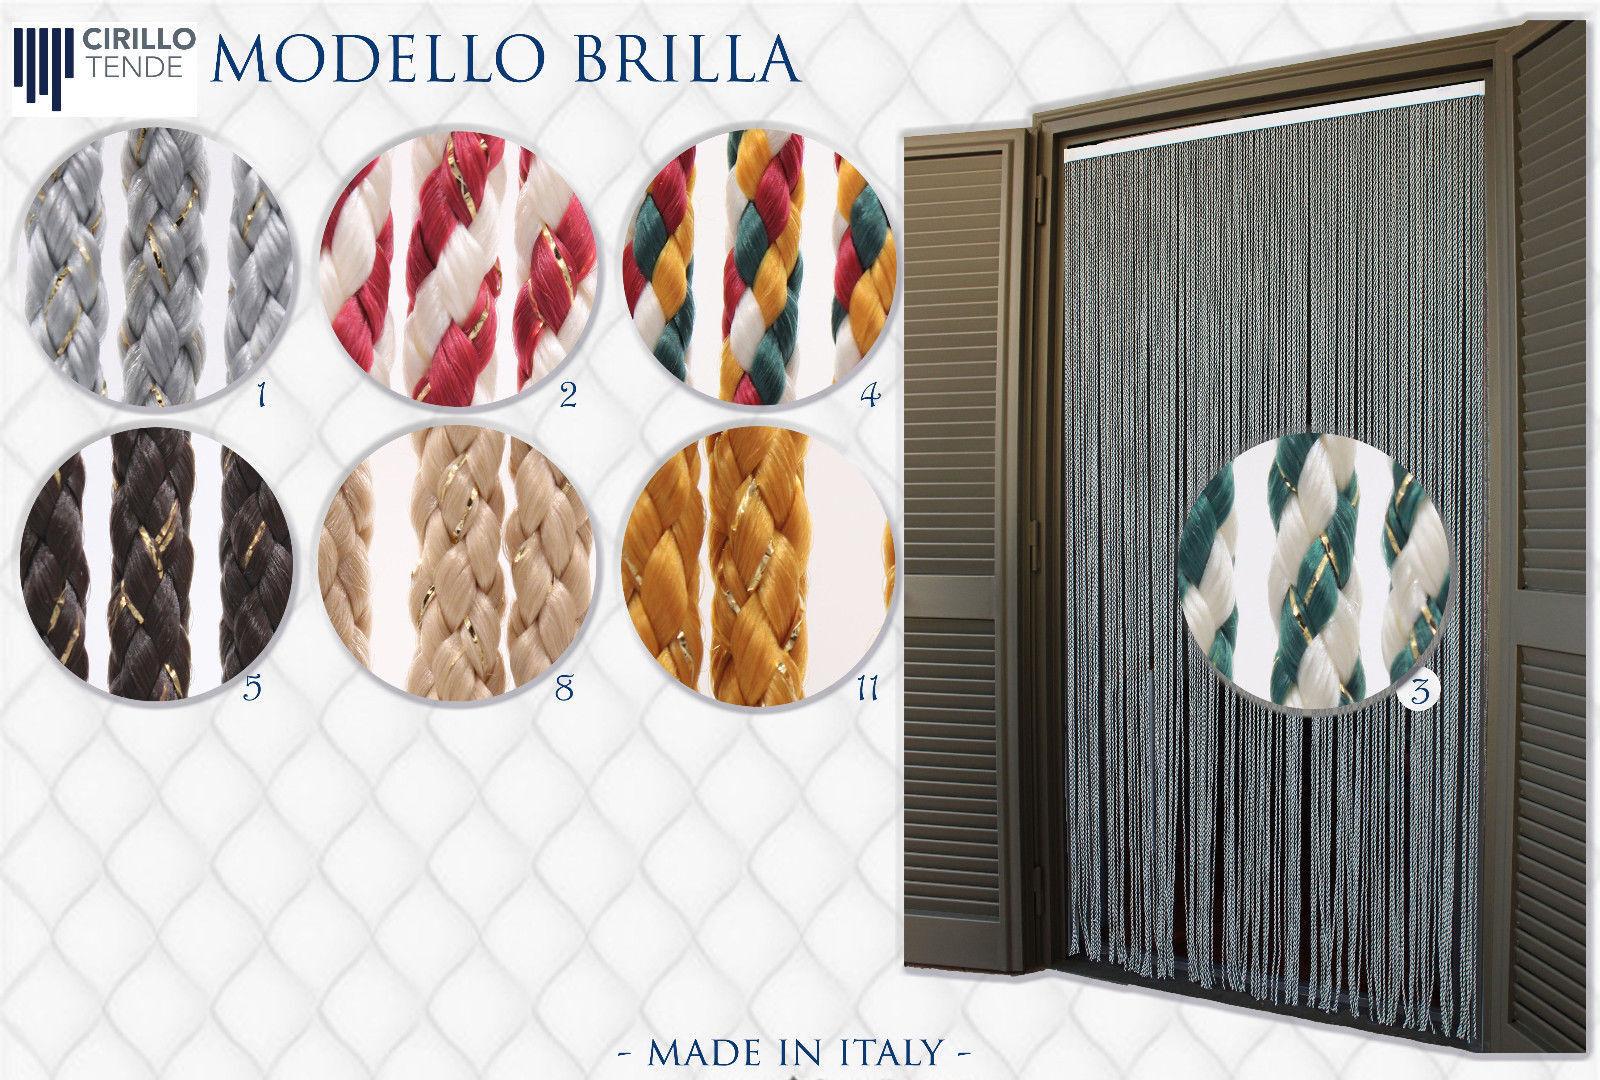 Kord Türvorhänge Modell Brilla, Aluminiumträger, Insektenschutz, Fadenvorhang